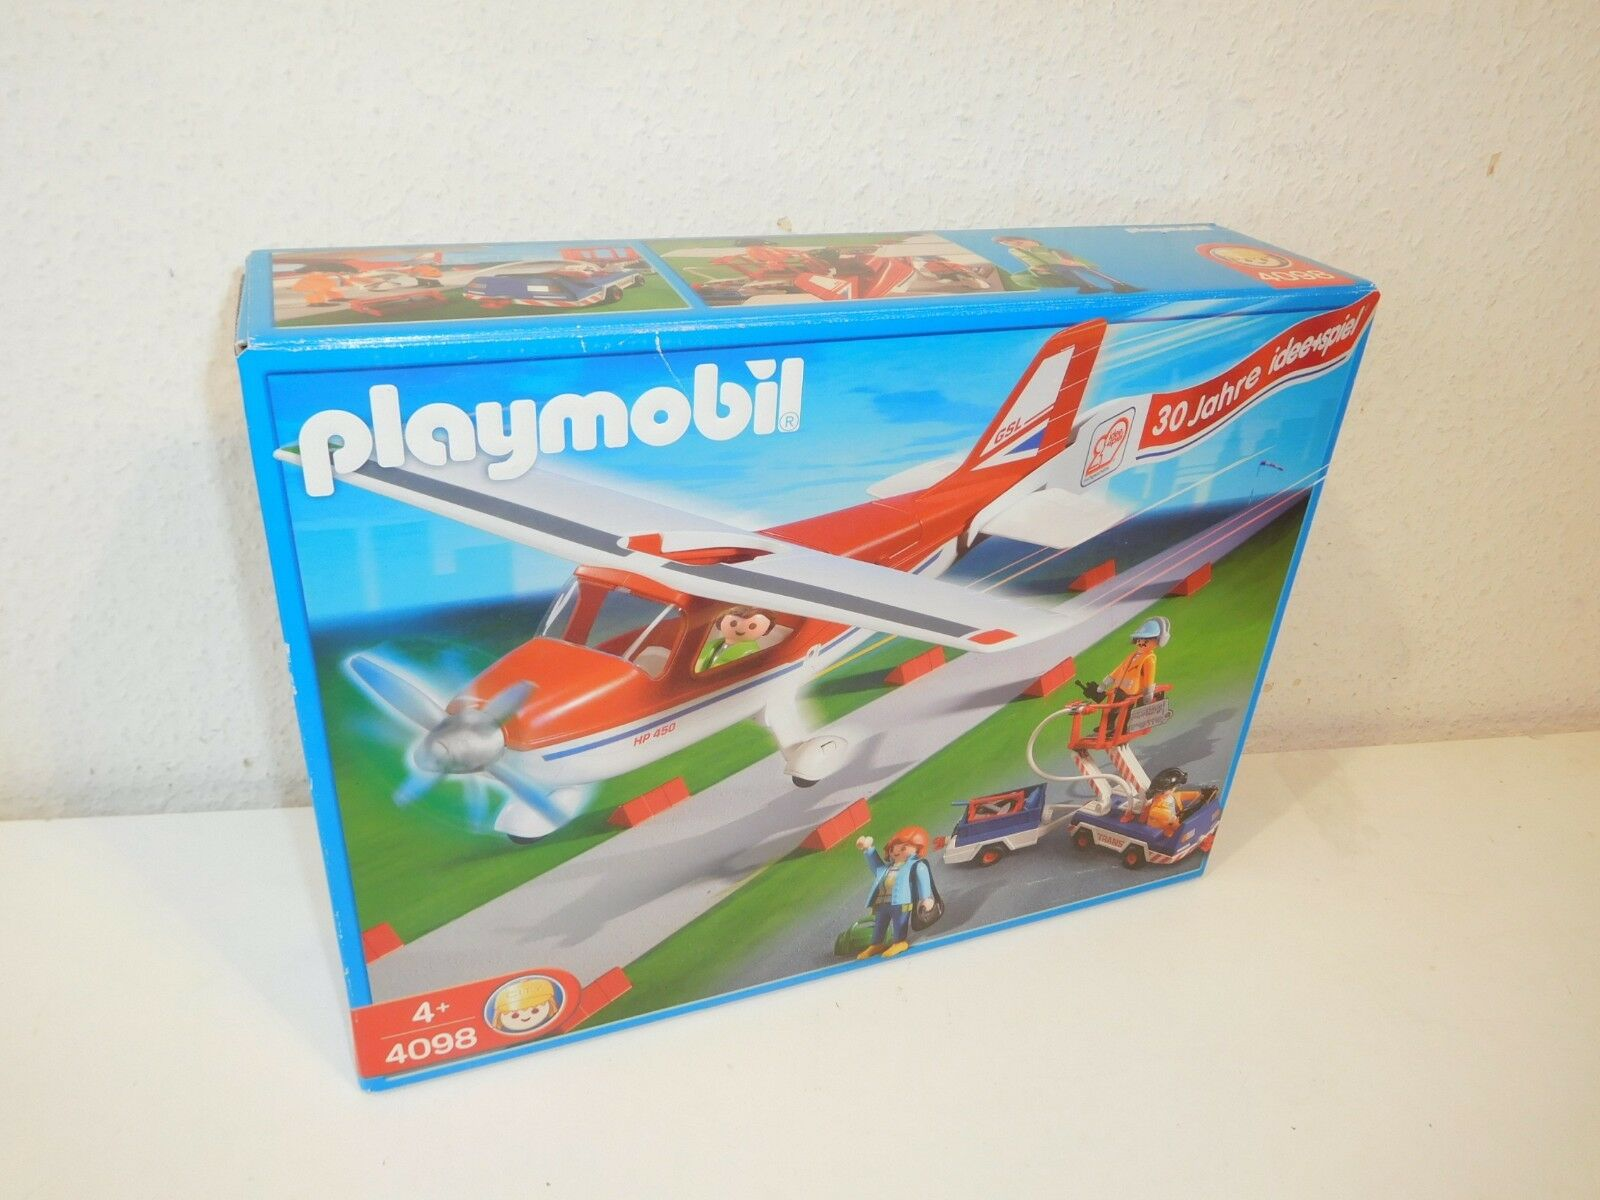 Playmobil 4098 new neu MISB idee + spiel special